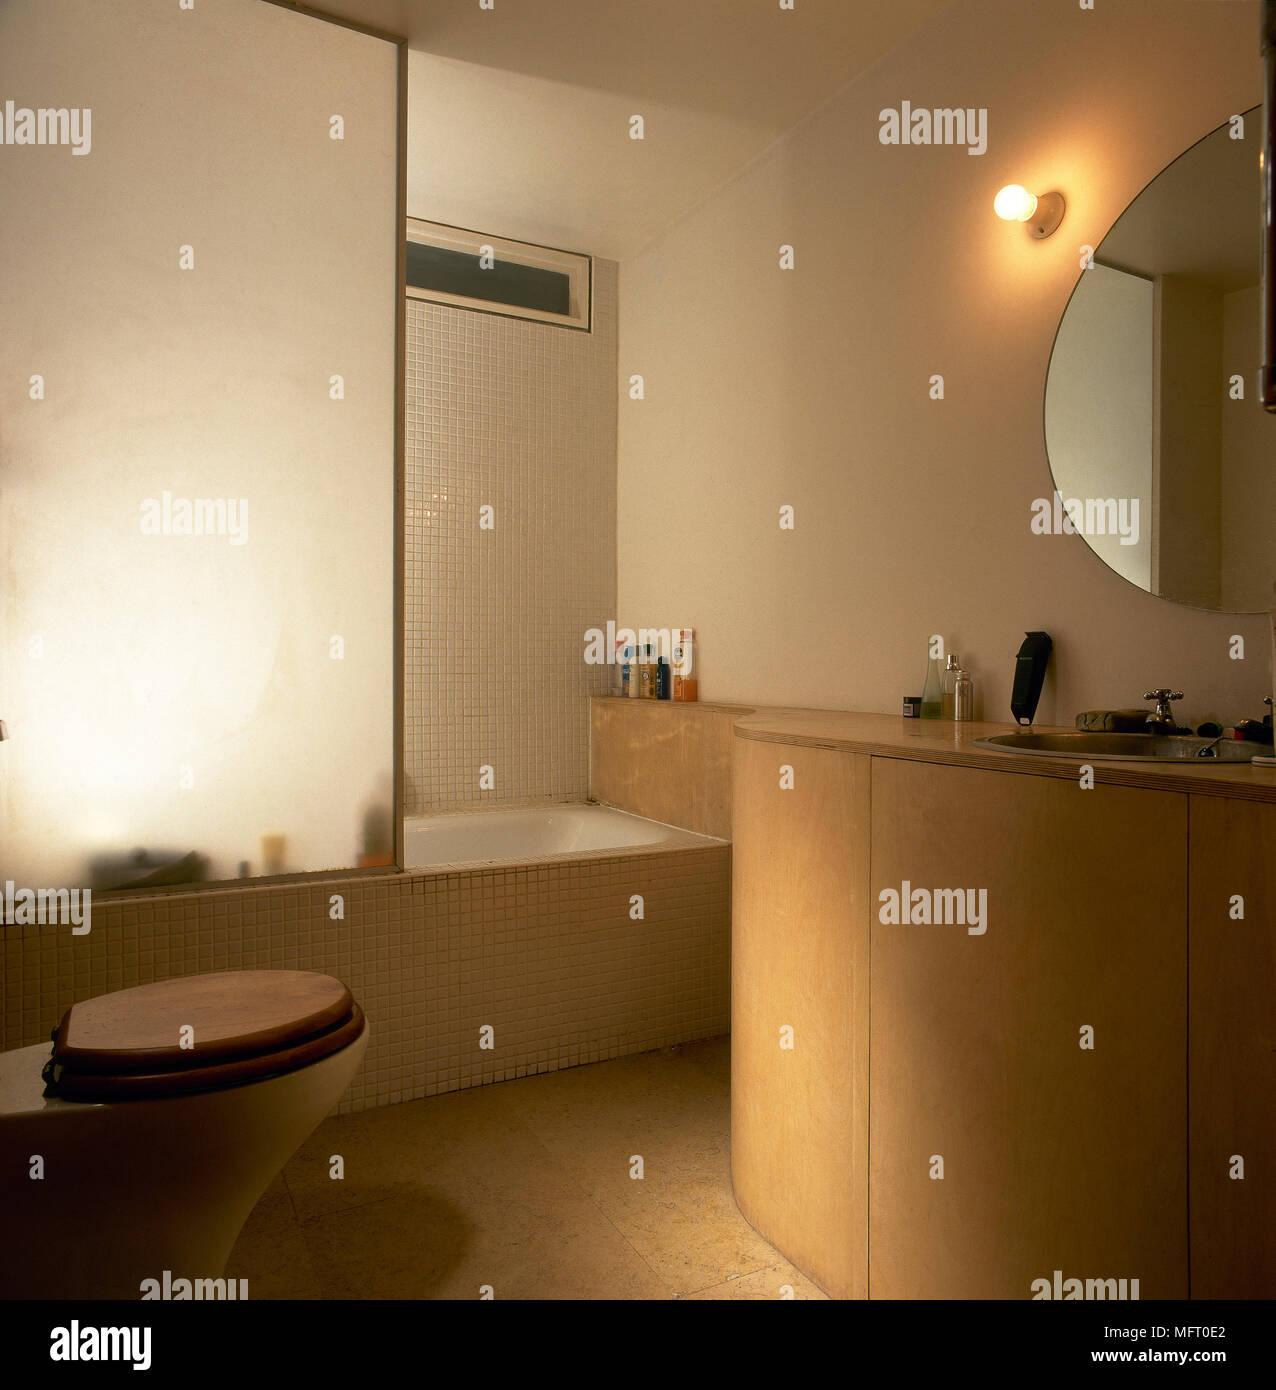 Modernes Bad Mit Fliesen Badewanne Mit Milchglas Partition